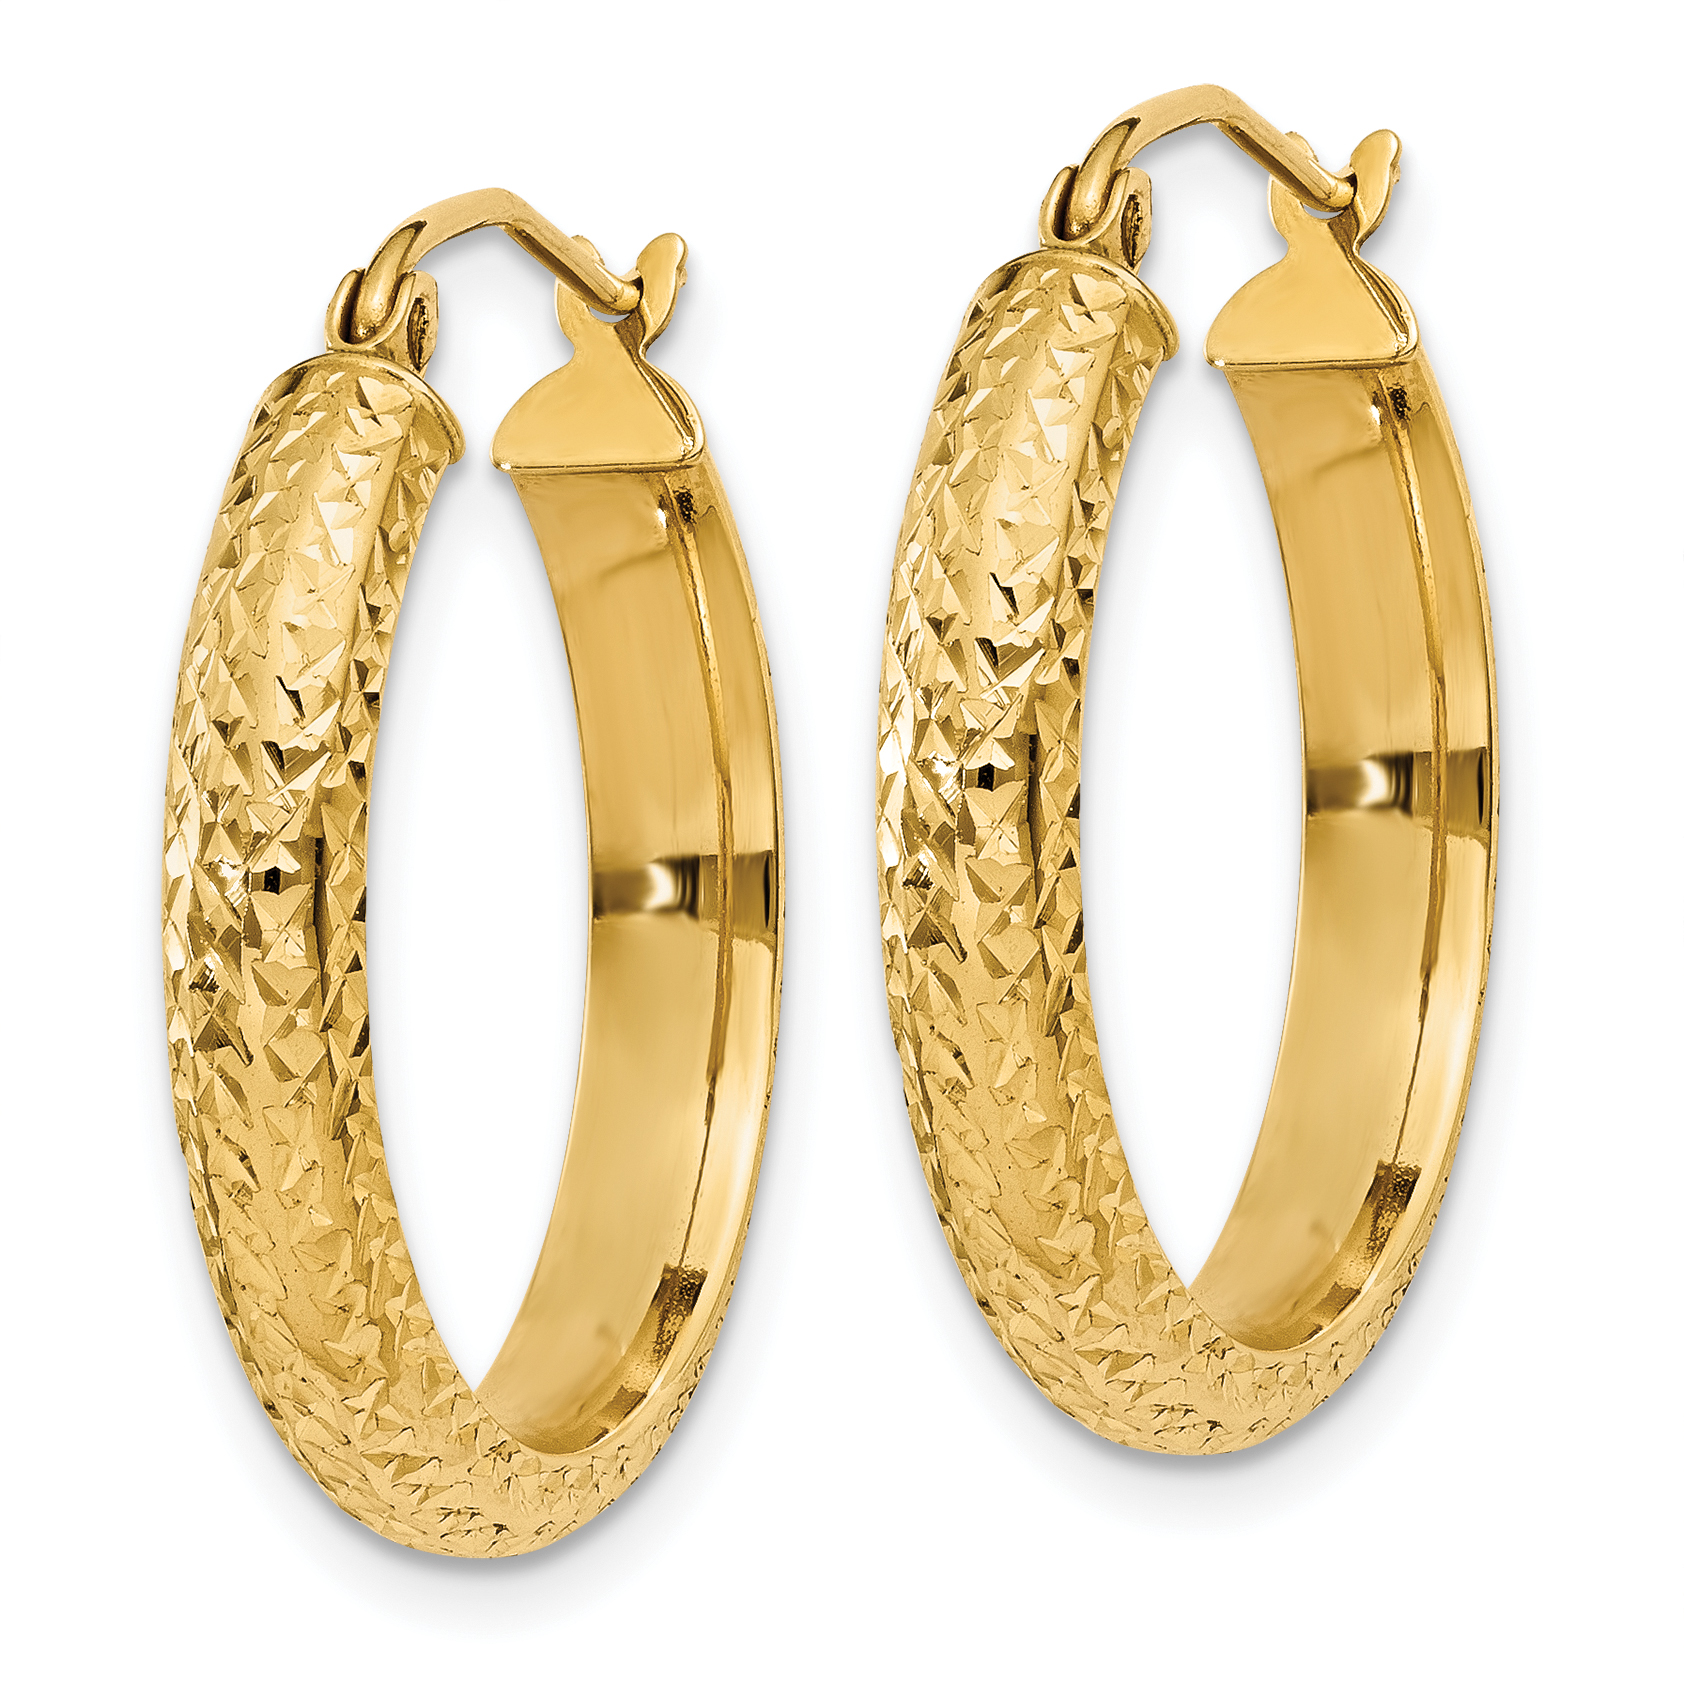 14K Yellow Gold Diamond Cut 3.5x22mm Hollow Hoop Earrings - image 3 de 4